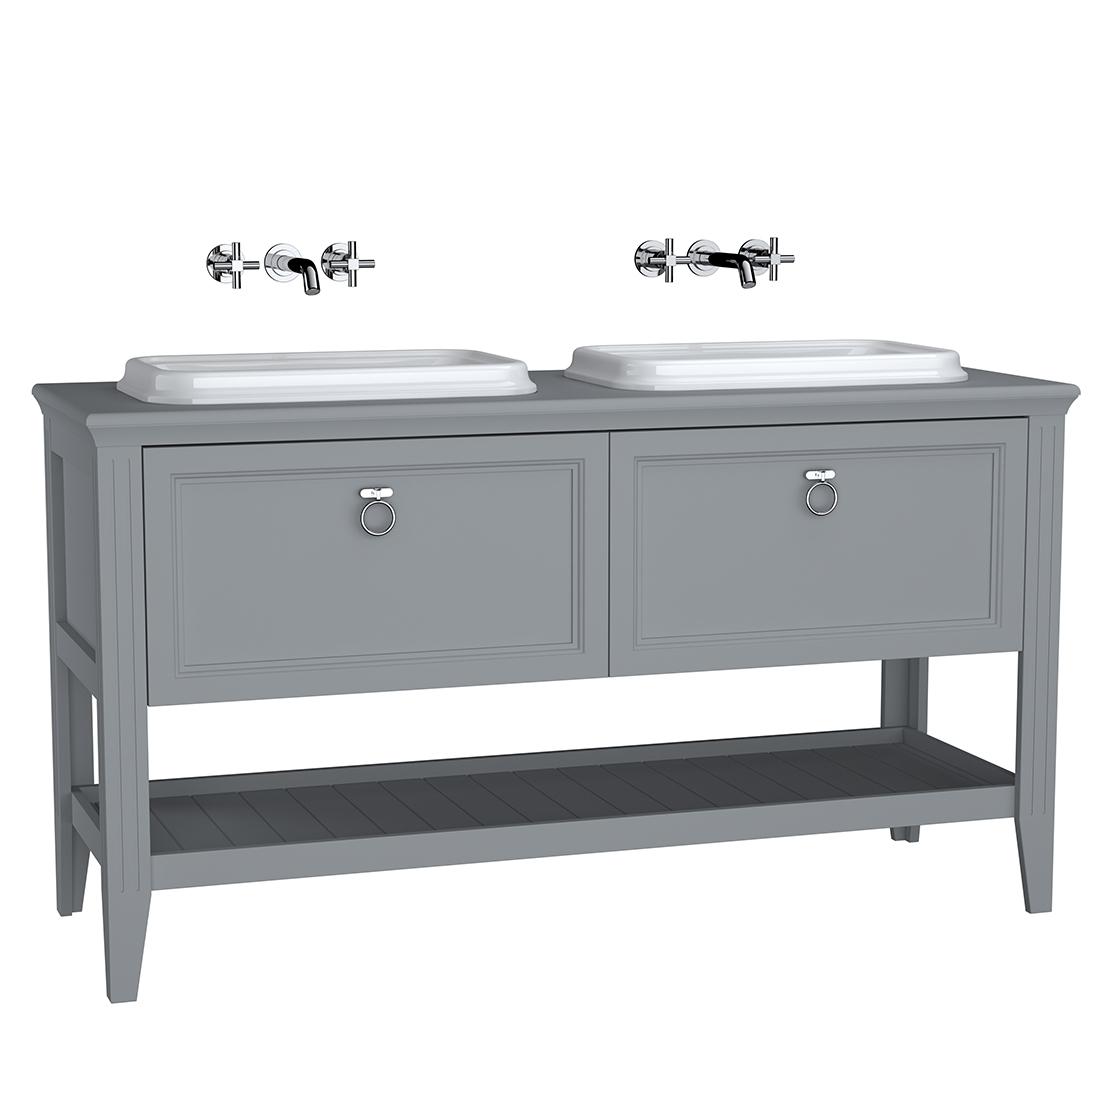 Valarte meuble sous vasque encastrée, 2 vasques, 150 cm, tiroir, gris mat